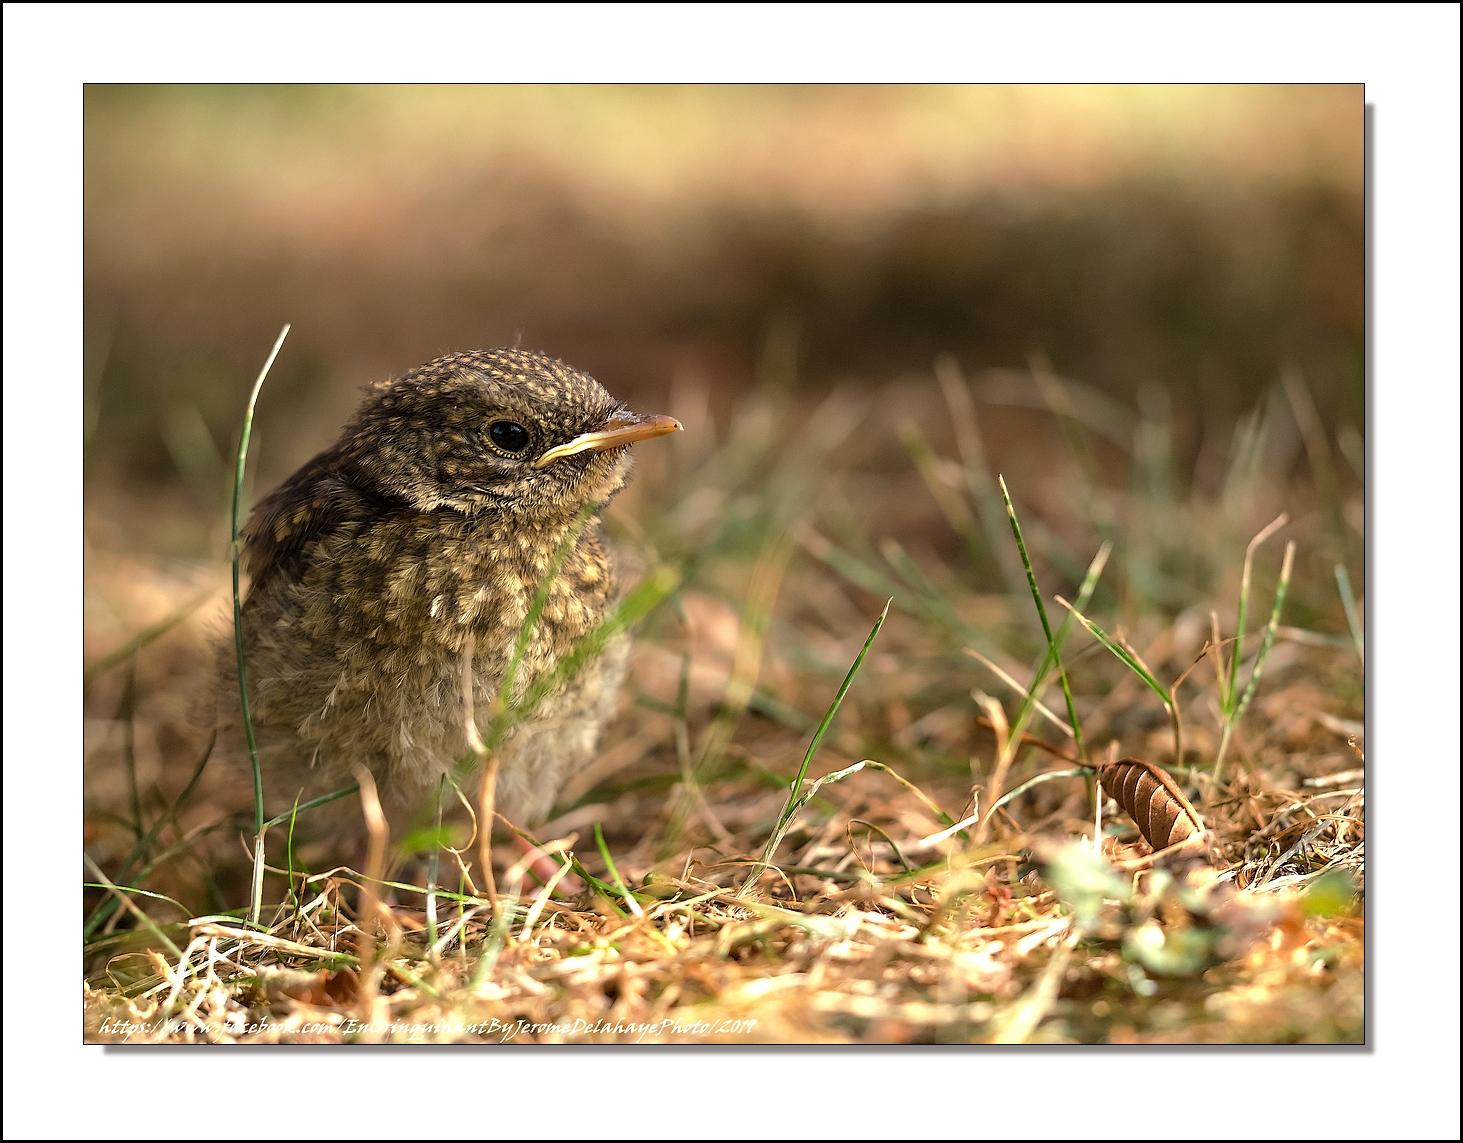 Le petit oiseau tombé du nid 48431830932_f3a832ba7c_o